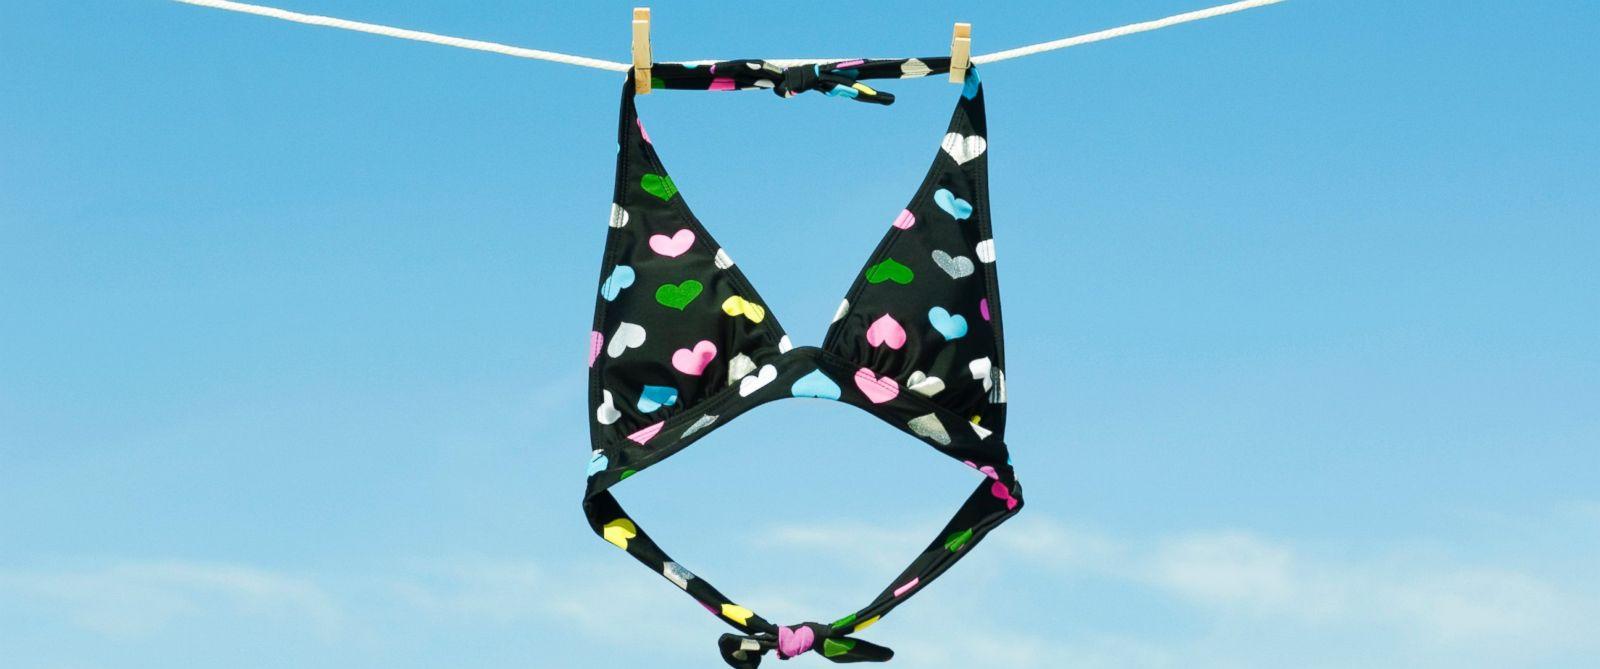 PHOTO: A bikini top hangs on a clothesline.